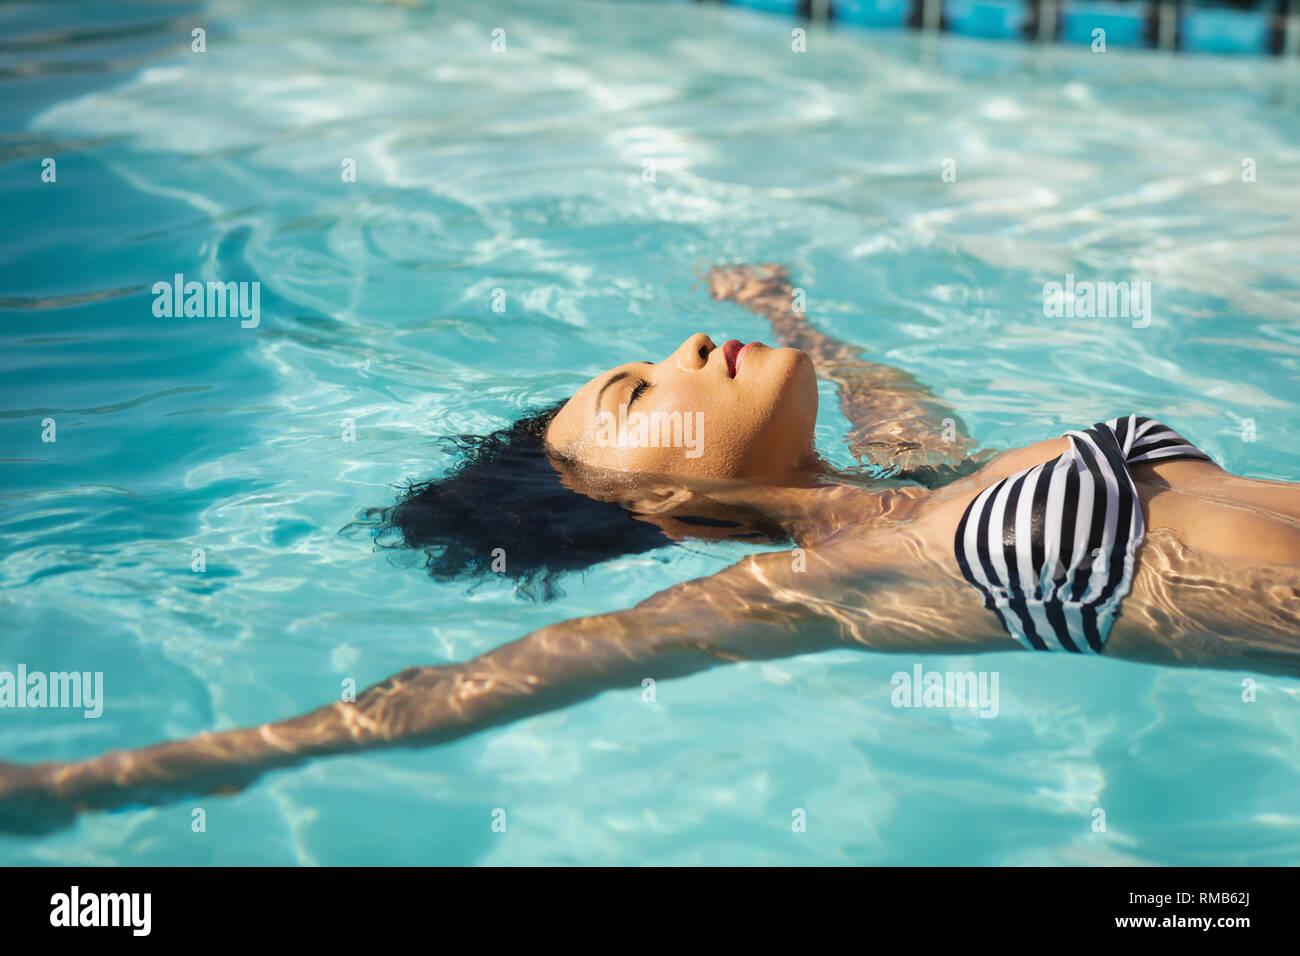 Joven mujer de raza mixta flotando en la piscina Foto de stock